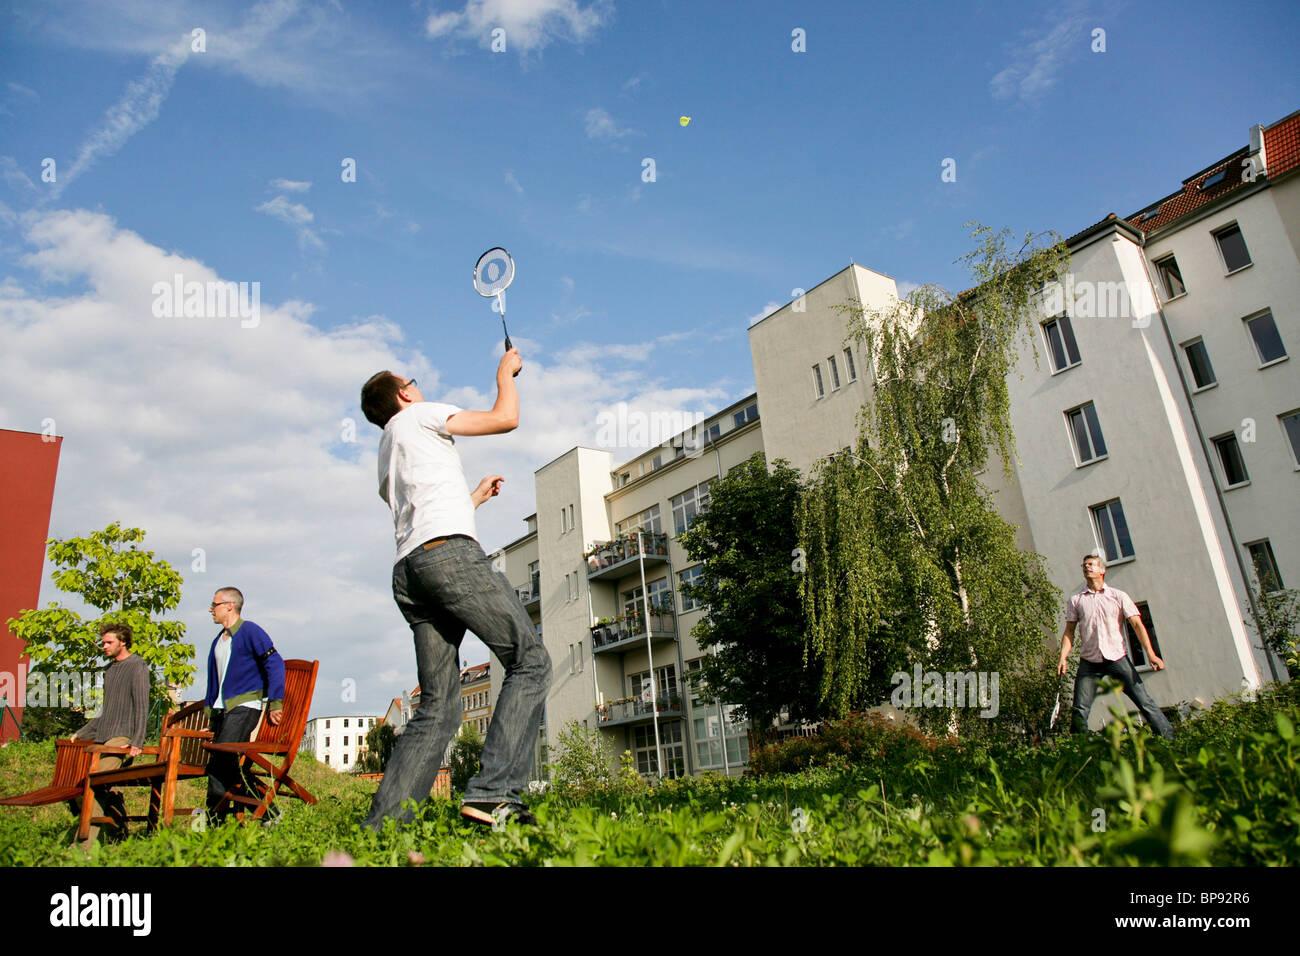 Dos hombres jugando bádminton, Leipzig, Sajonia, Alemania Imagen De Stock